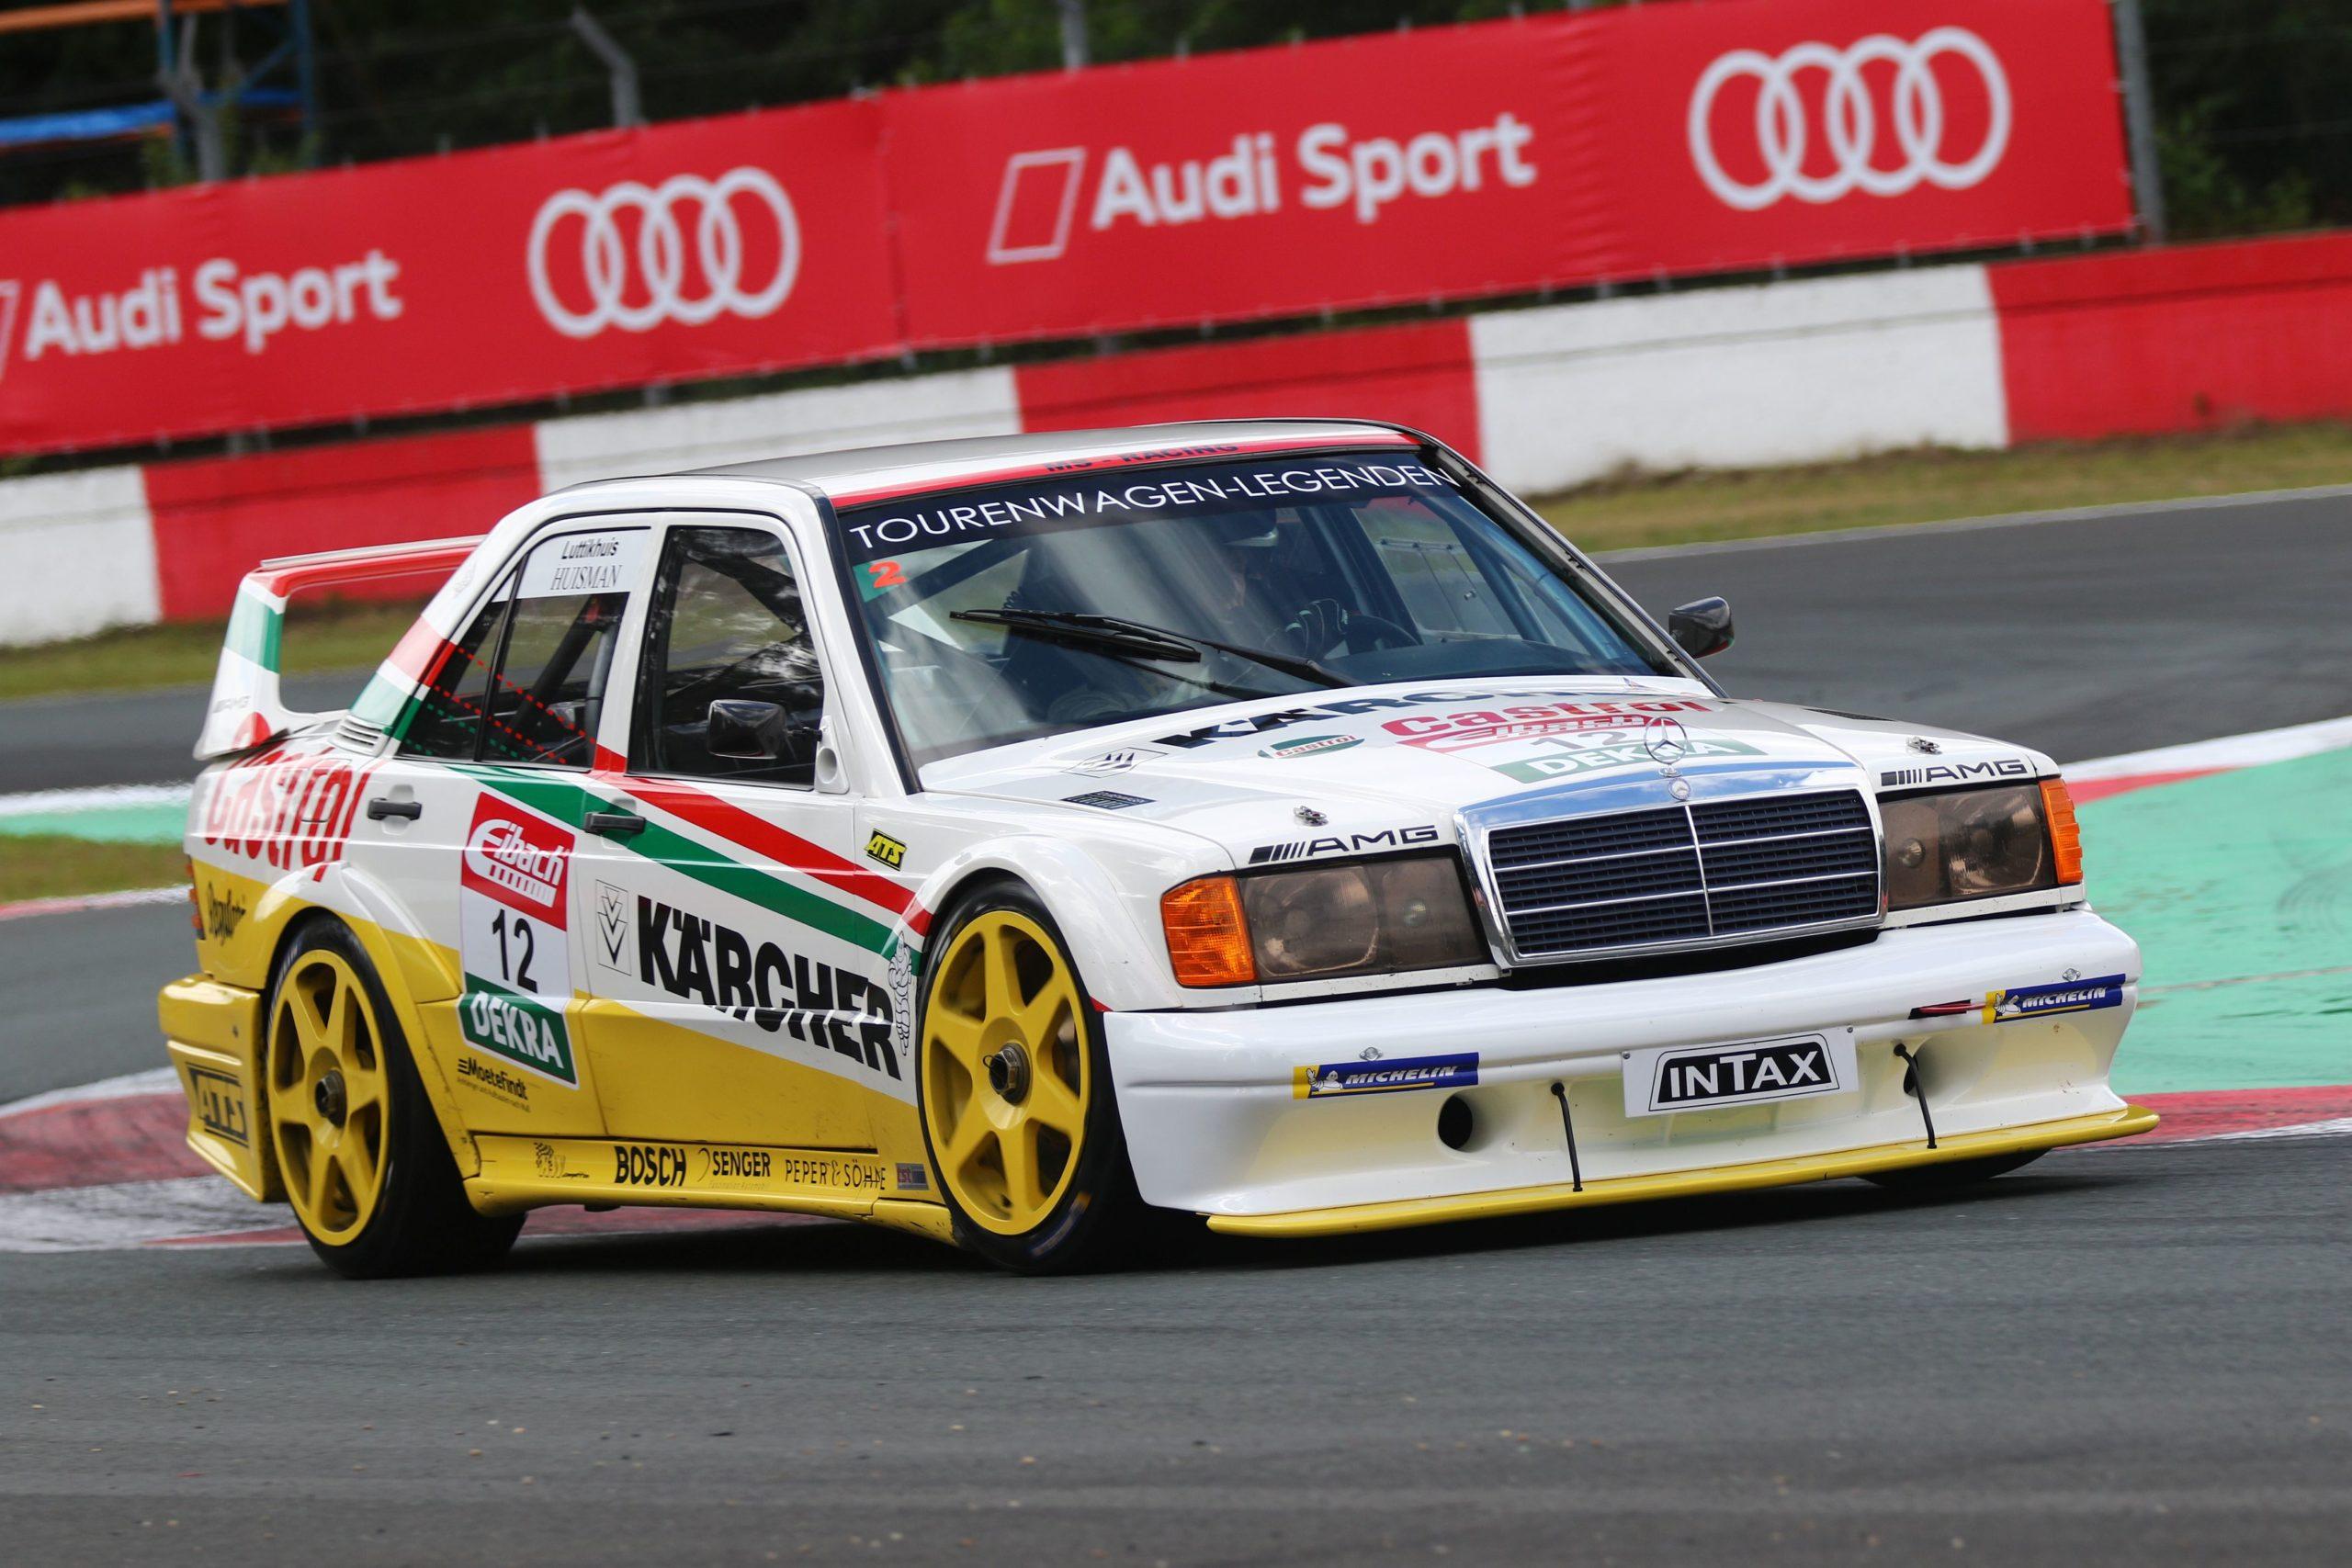 tst-sport-und-technik-DTM-Classic-2021-Zolder–Gerbert-Luttikhuis-AMG-Mercedes-190-E-1992